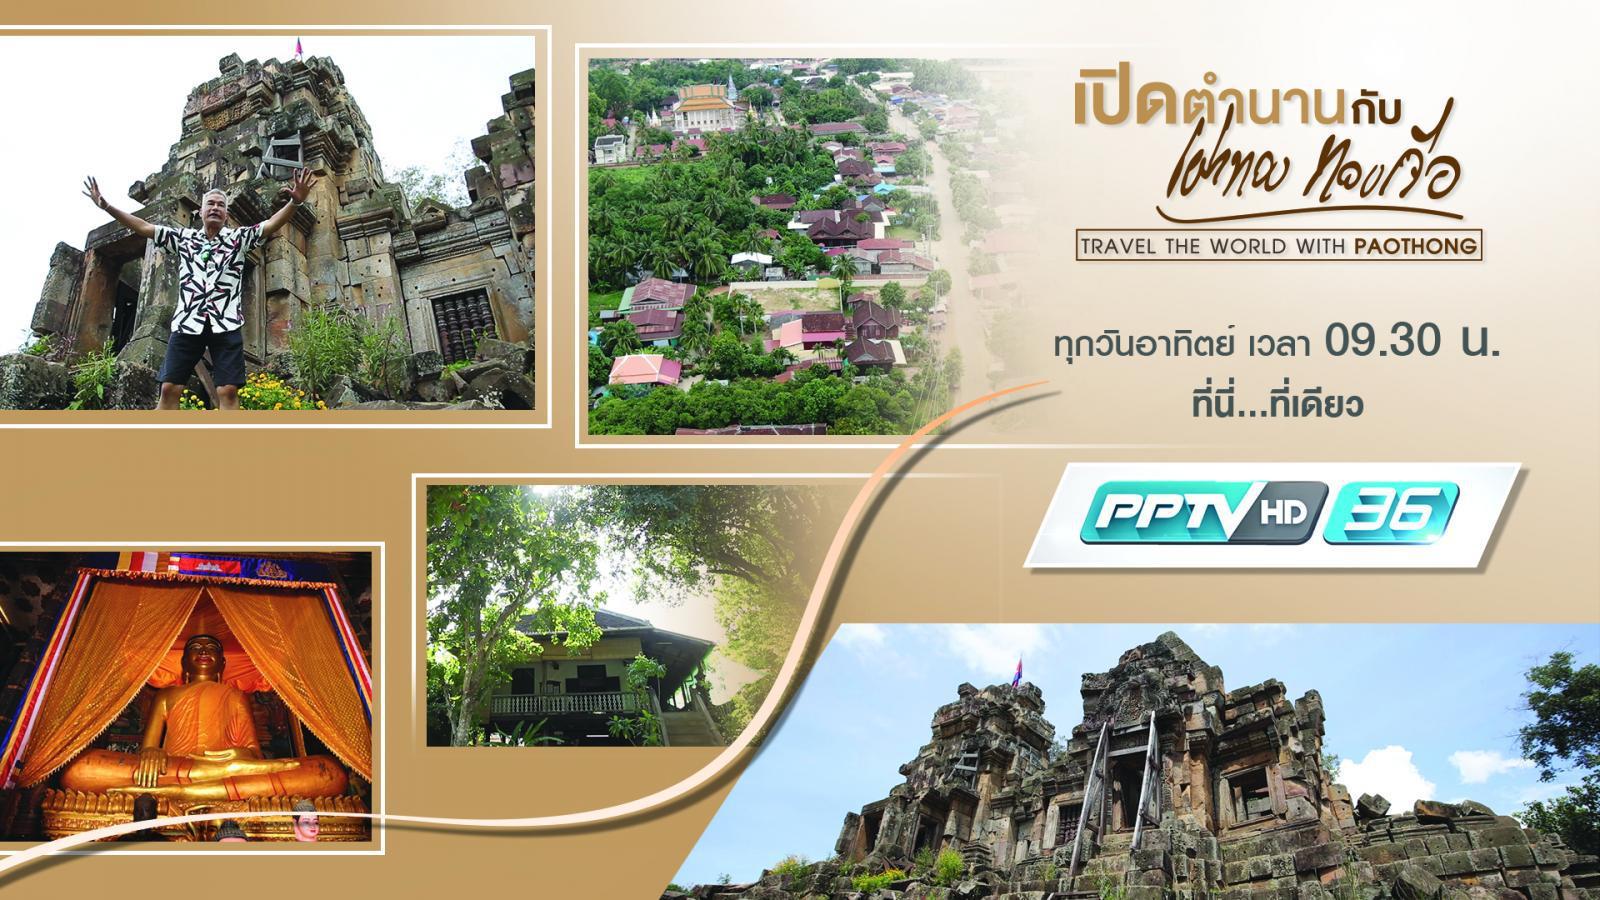 มรดกทางสถาปัตยกรรม เมืองพระตะบอง ประเทศกัมพูชา